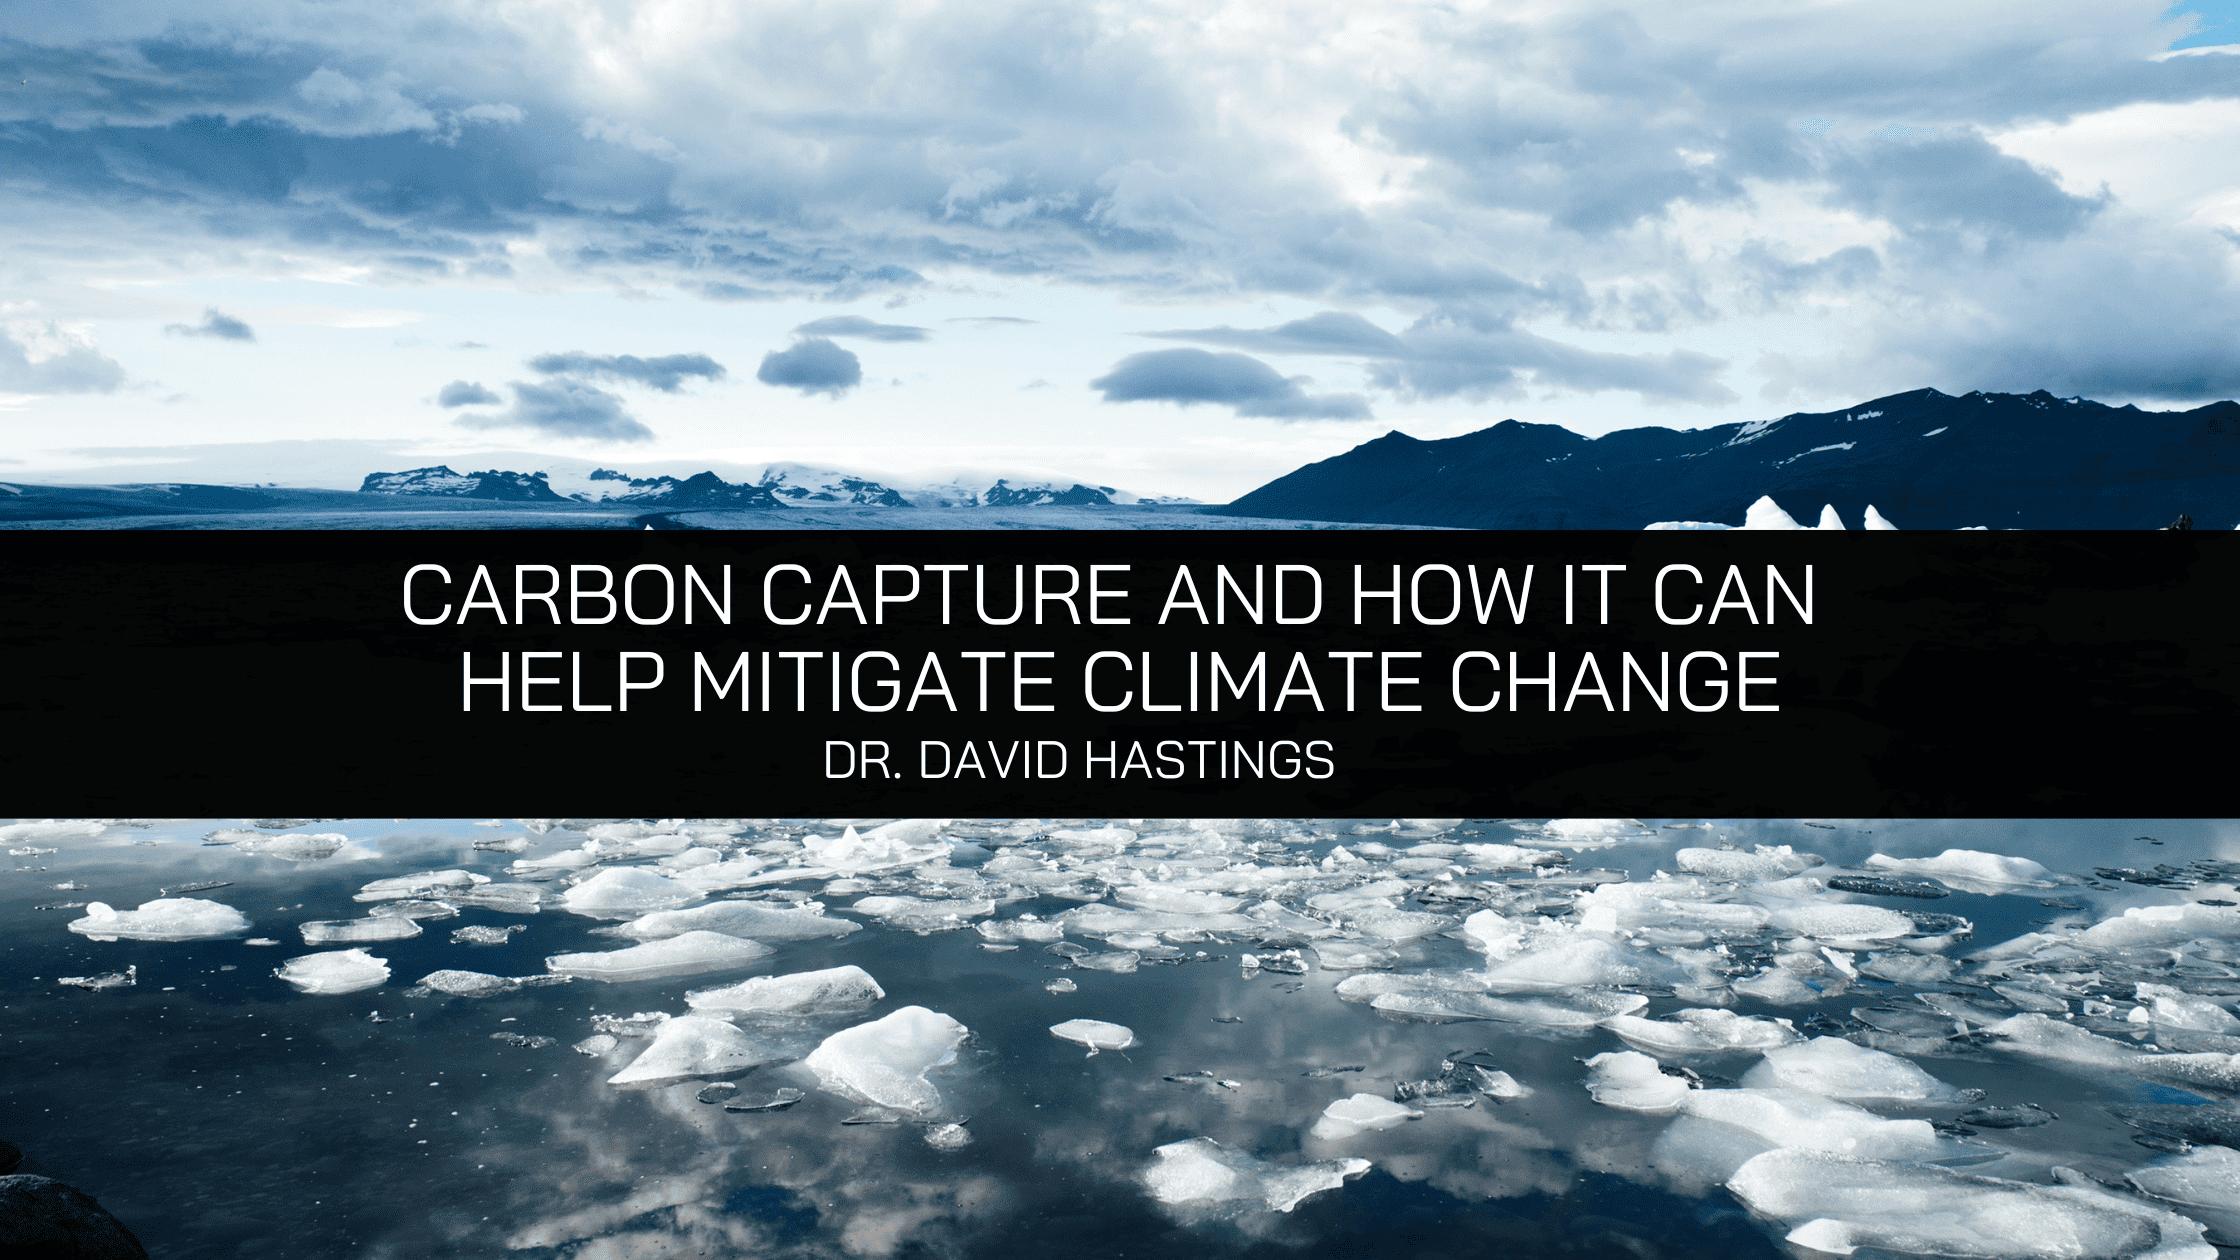 Dr. David Hastings